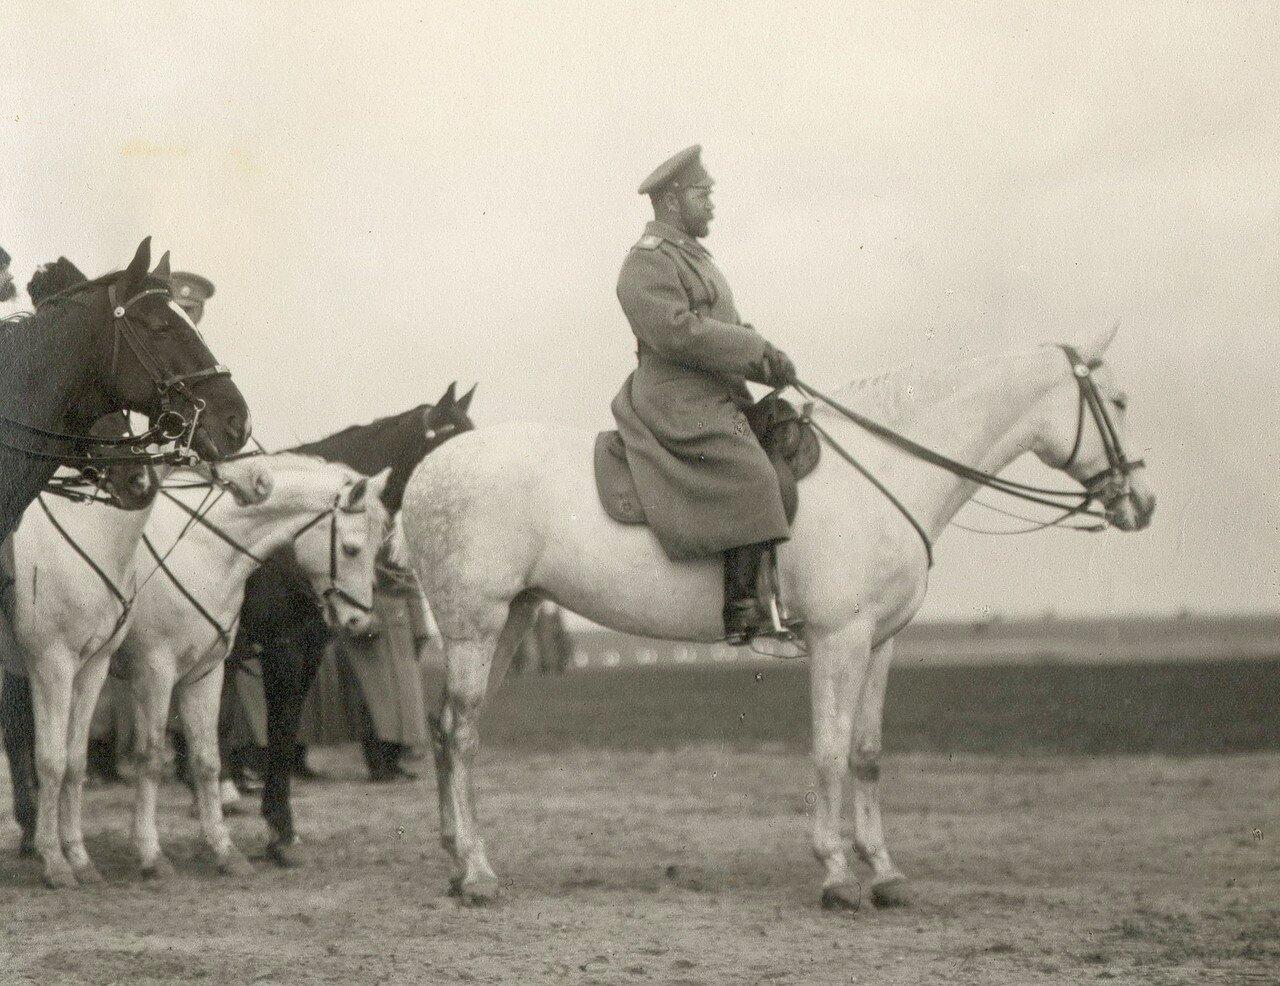 Высочайший смотр 3-го кавалерийского корпуса 29 марта 1916 года (фрагмент)